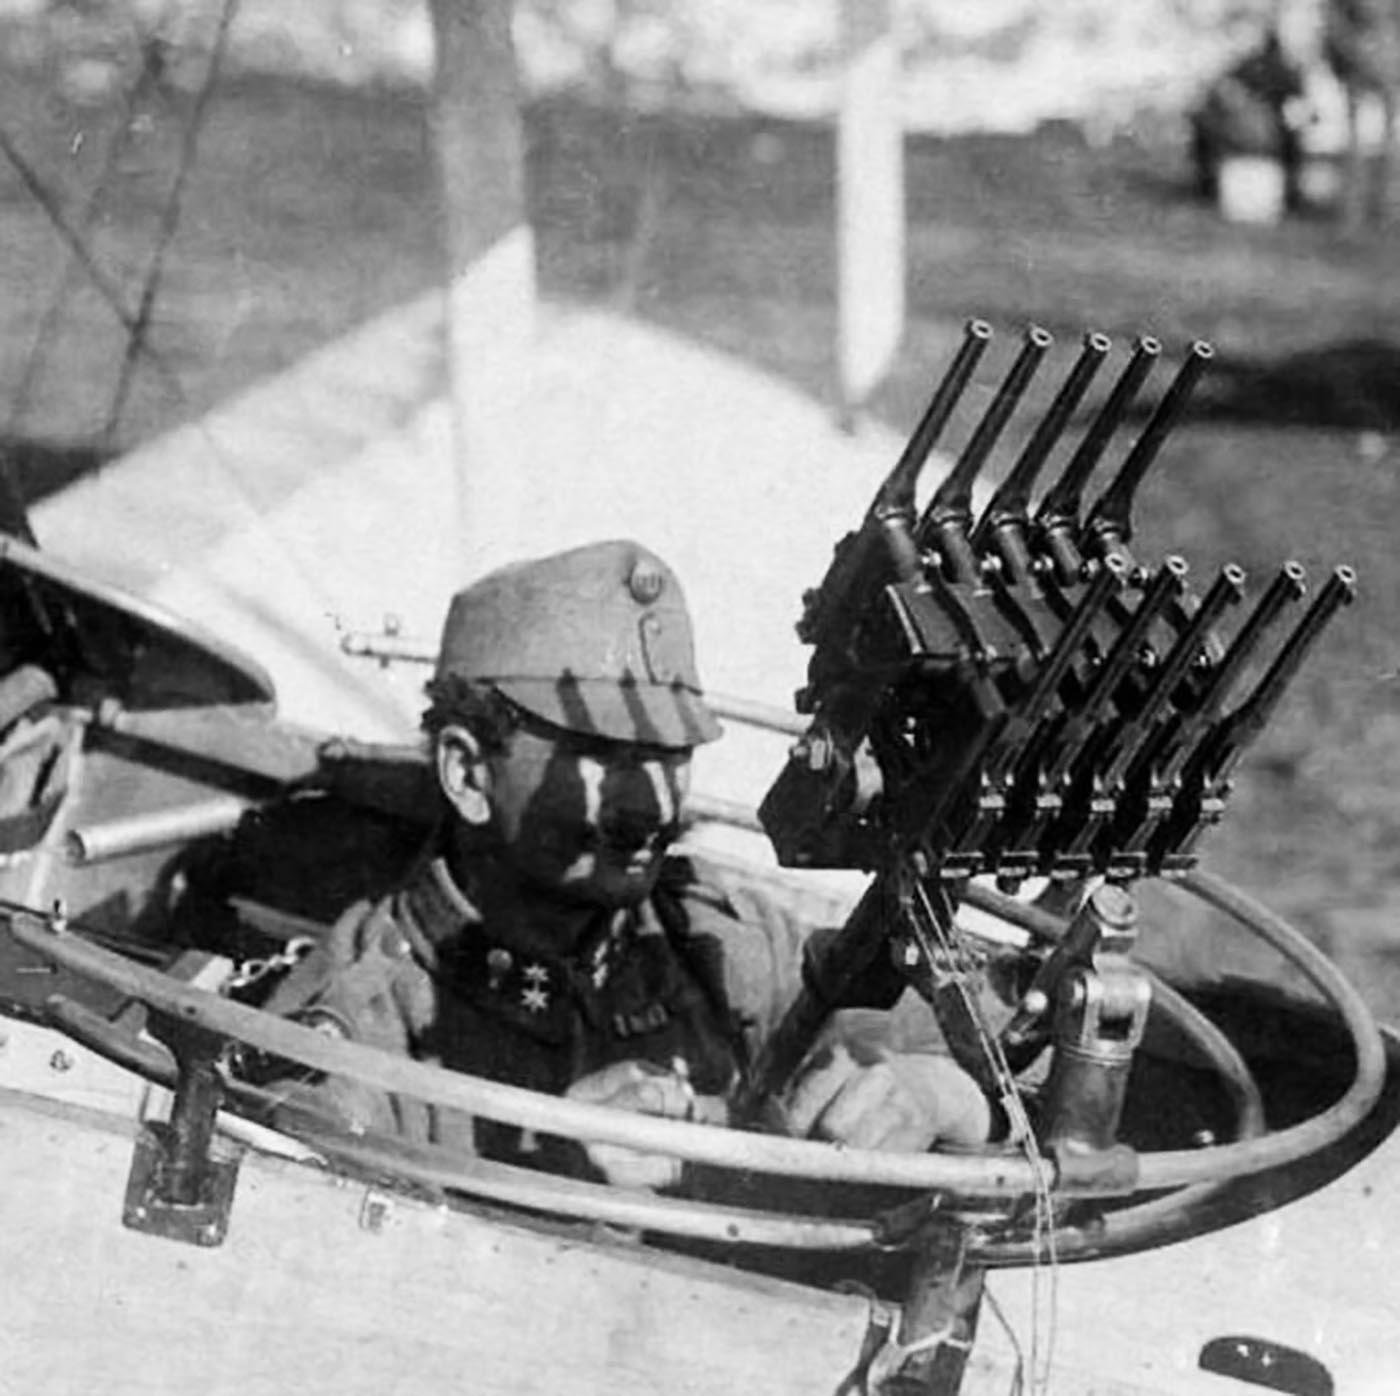 Austro_hungarian_aircraft_gunner_Mausers.jpg